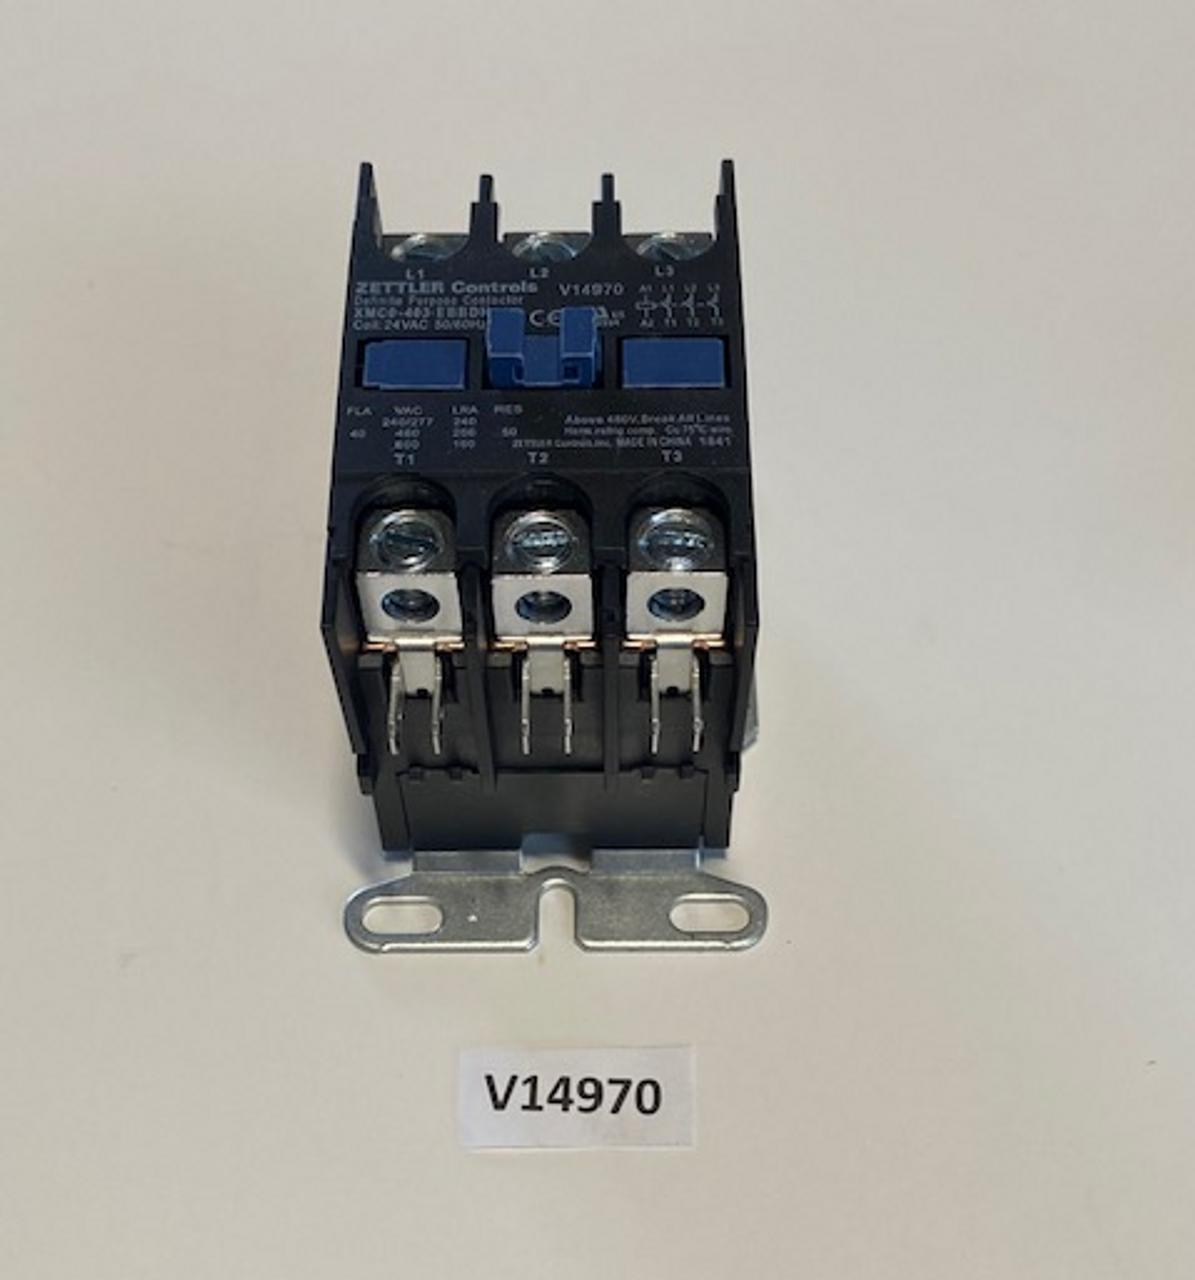 Contactor, 3P/40A/600V, Aaon, V14970